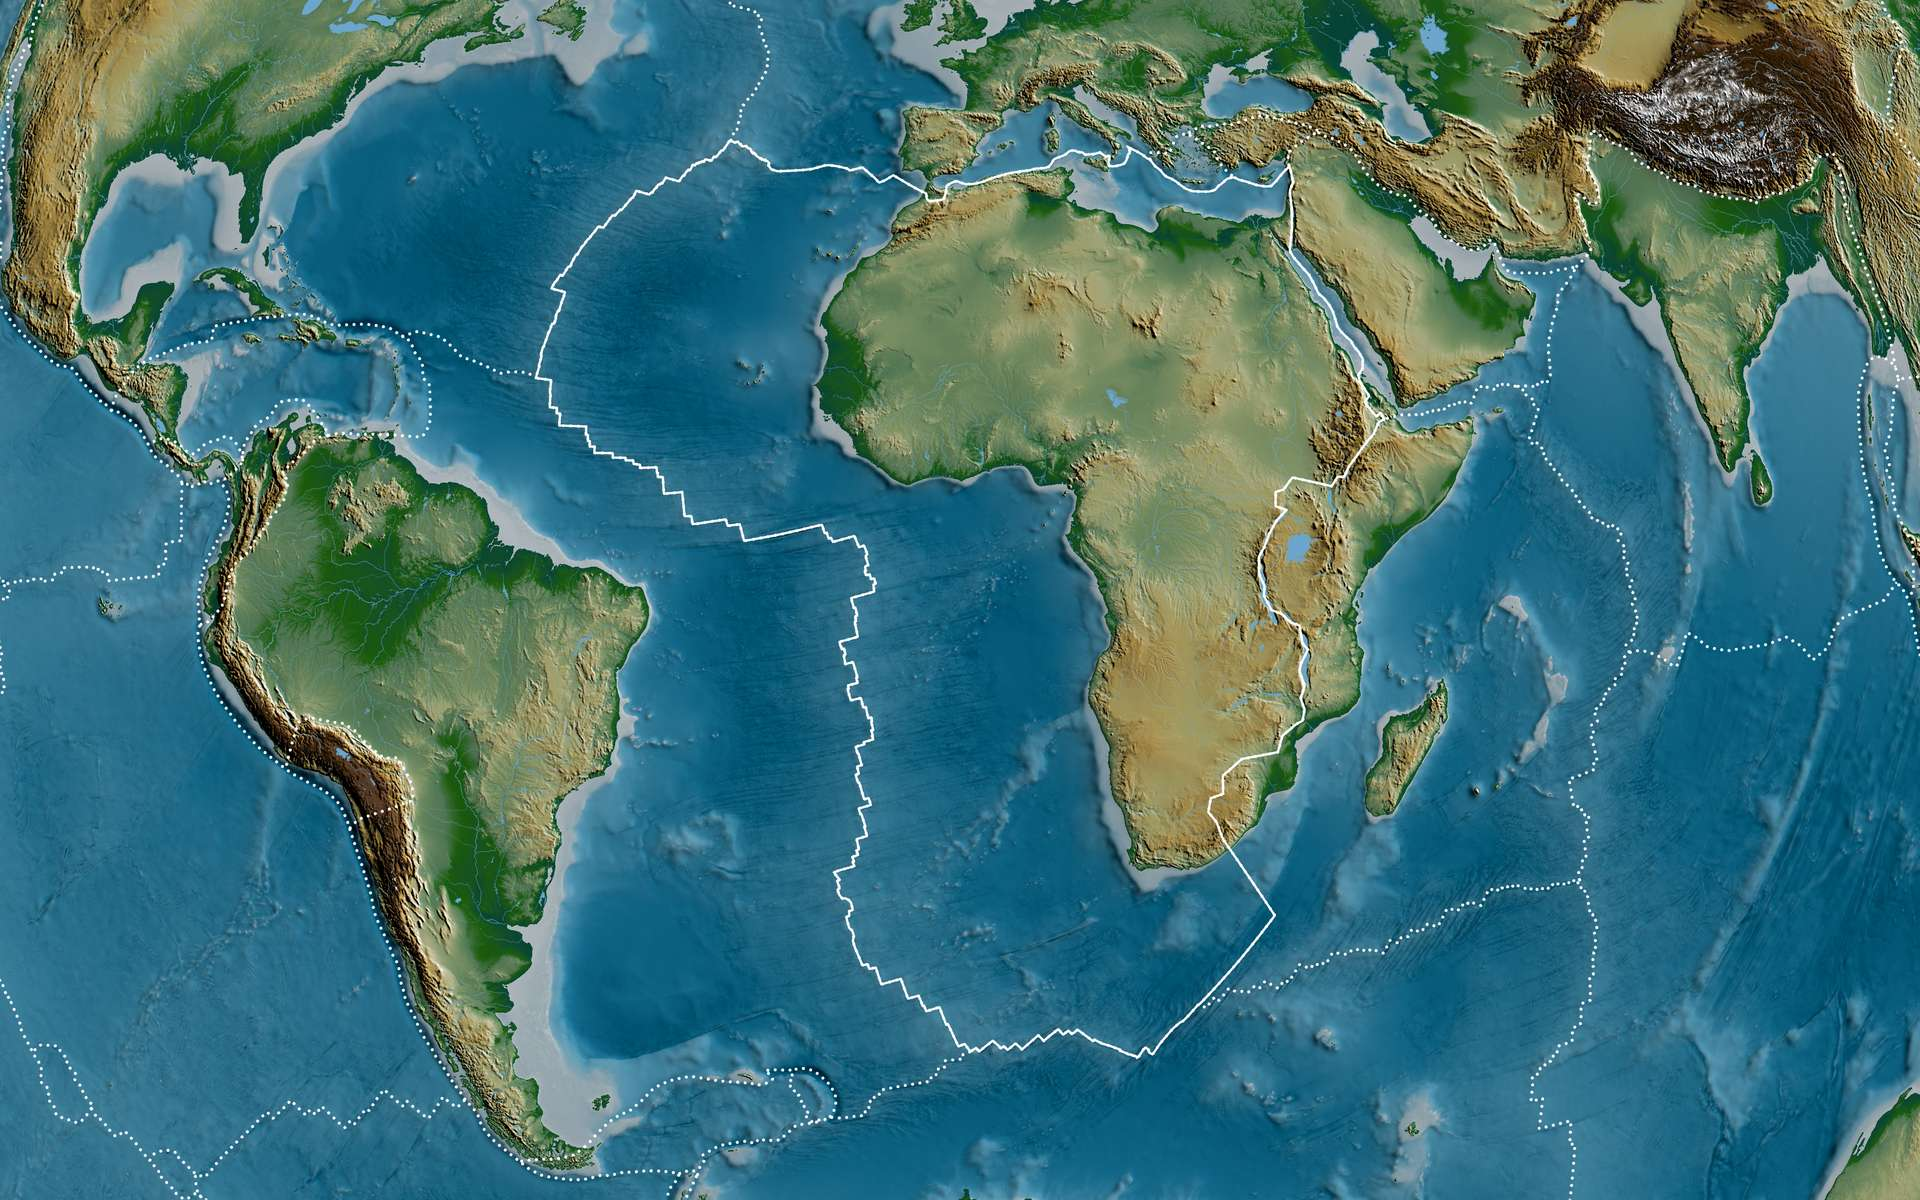 Des millions d'années de mouvements tectoniques ont modelé notre monde. © Yarr65, Adobe Stock